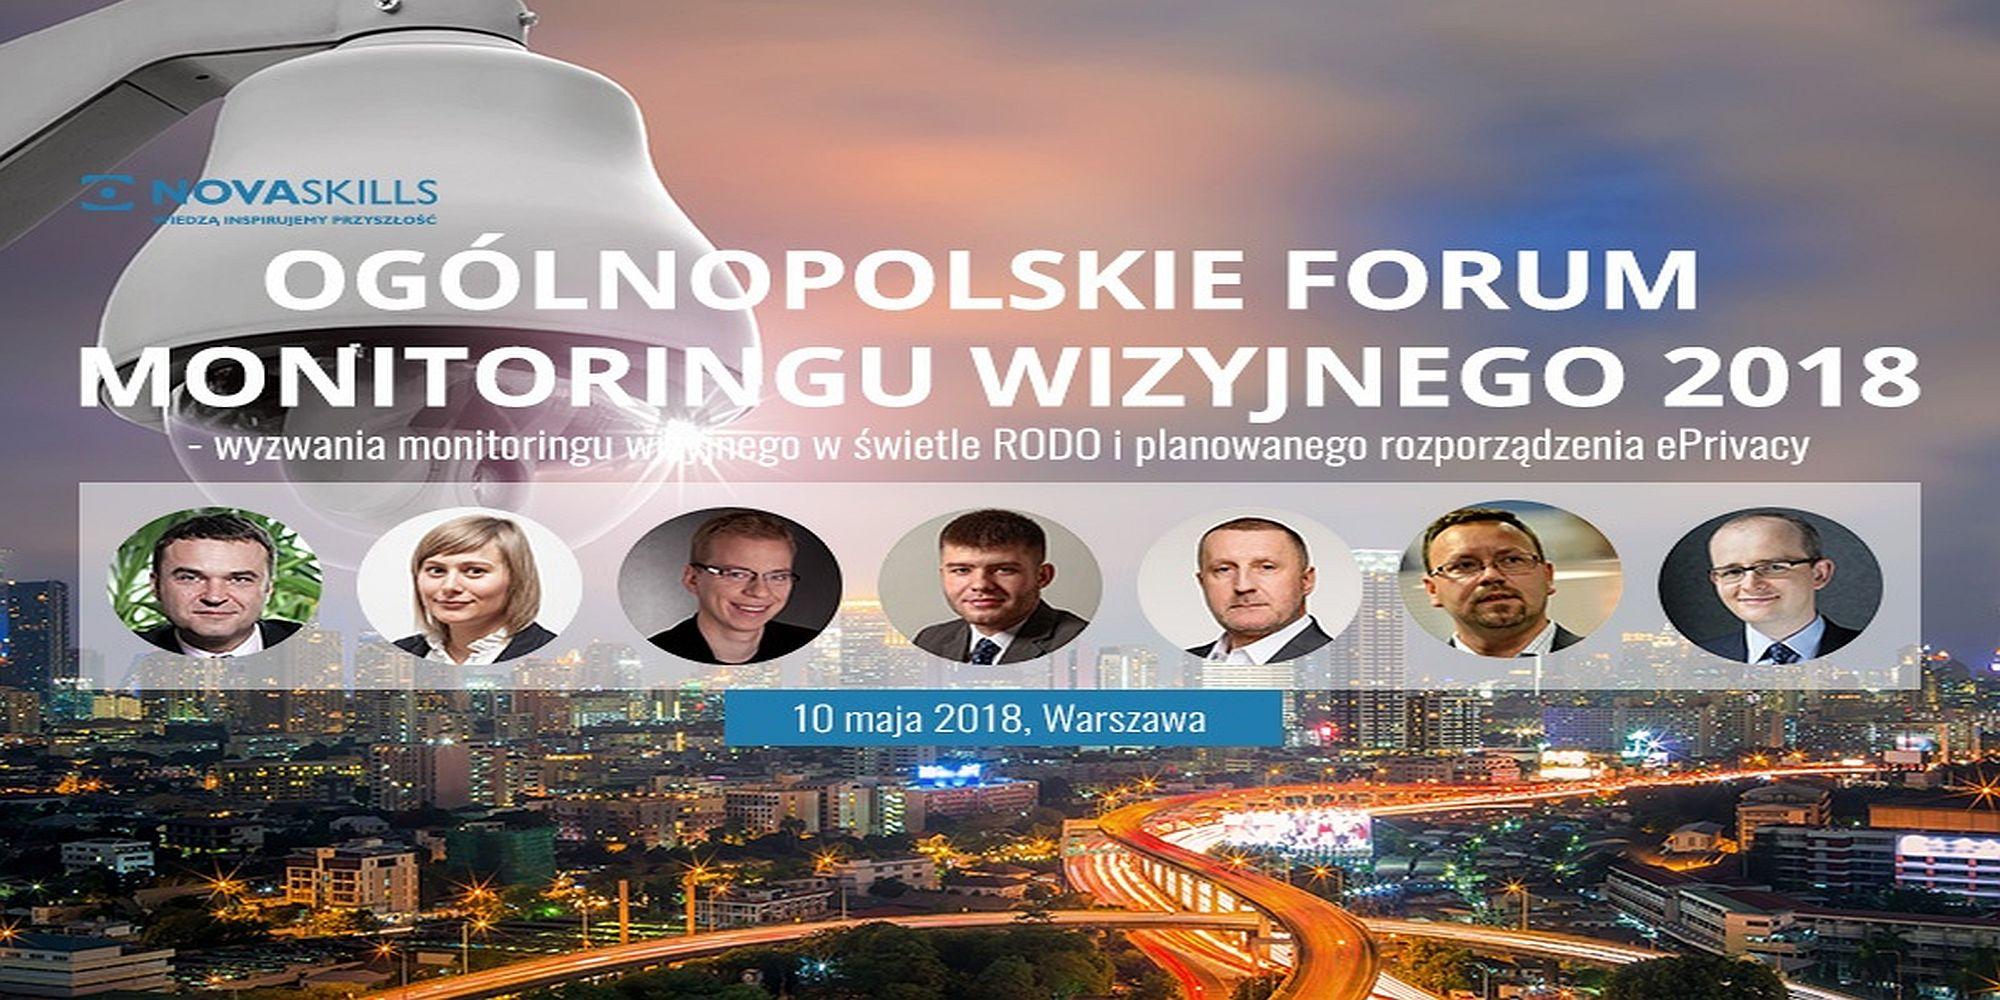 Ogólnopolskie Forum Monitoringu Wizyjnego 2018